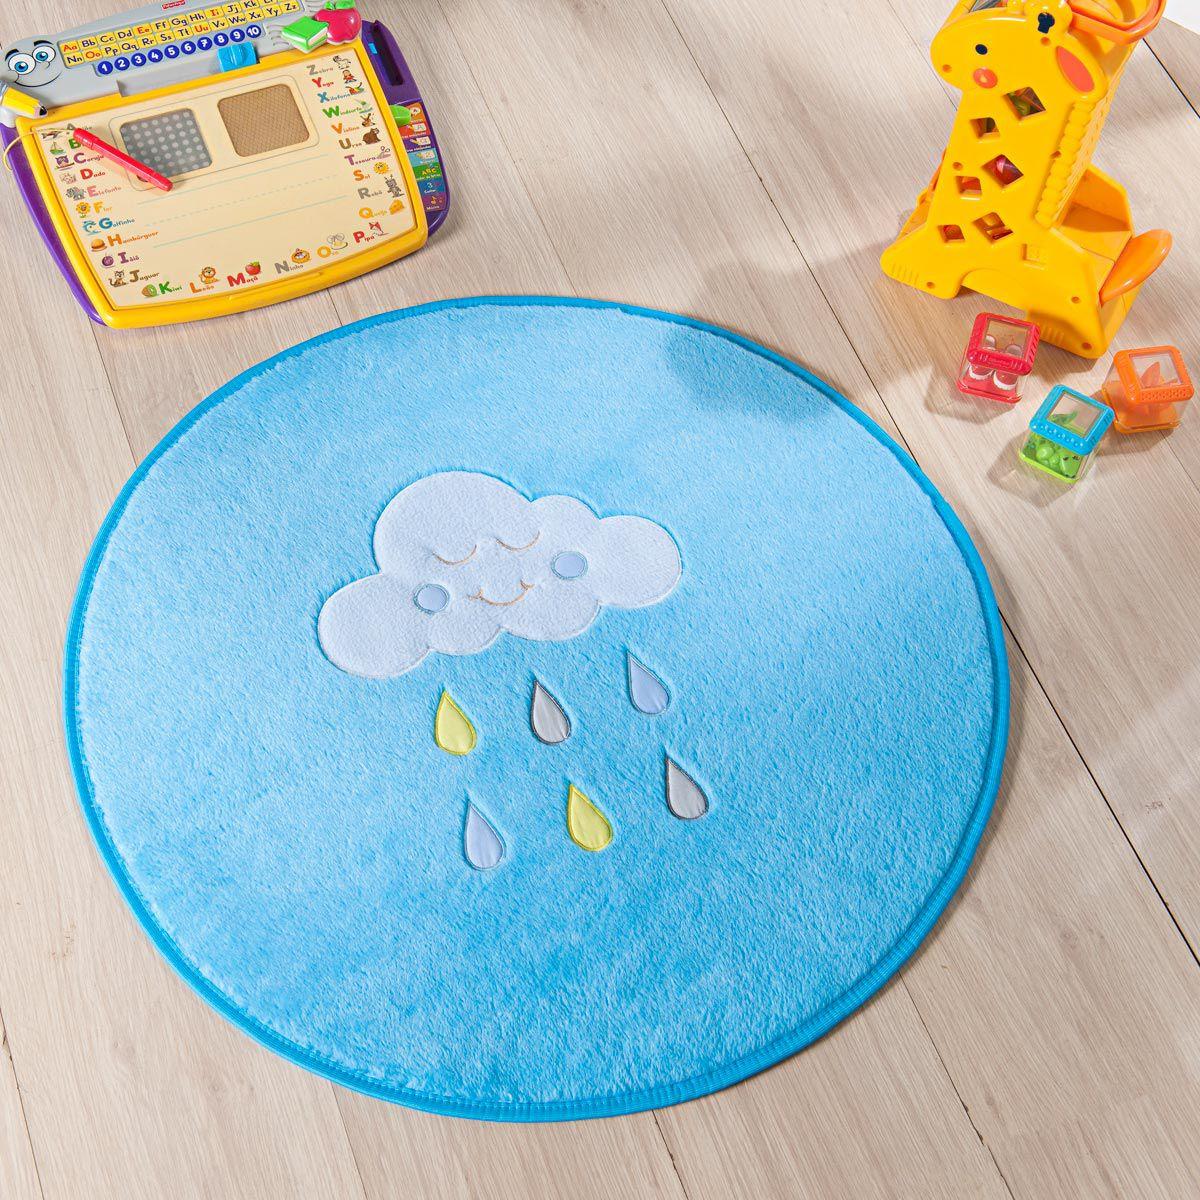 Tapete Infantil Premium Baby Formato Chuva de Benção Azul Turquesa 65ø cm